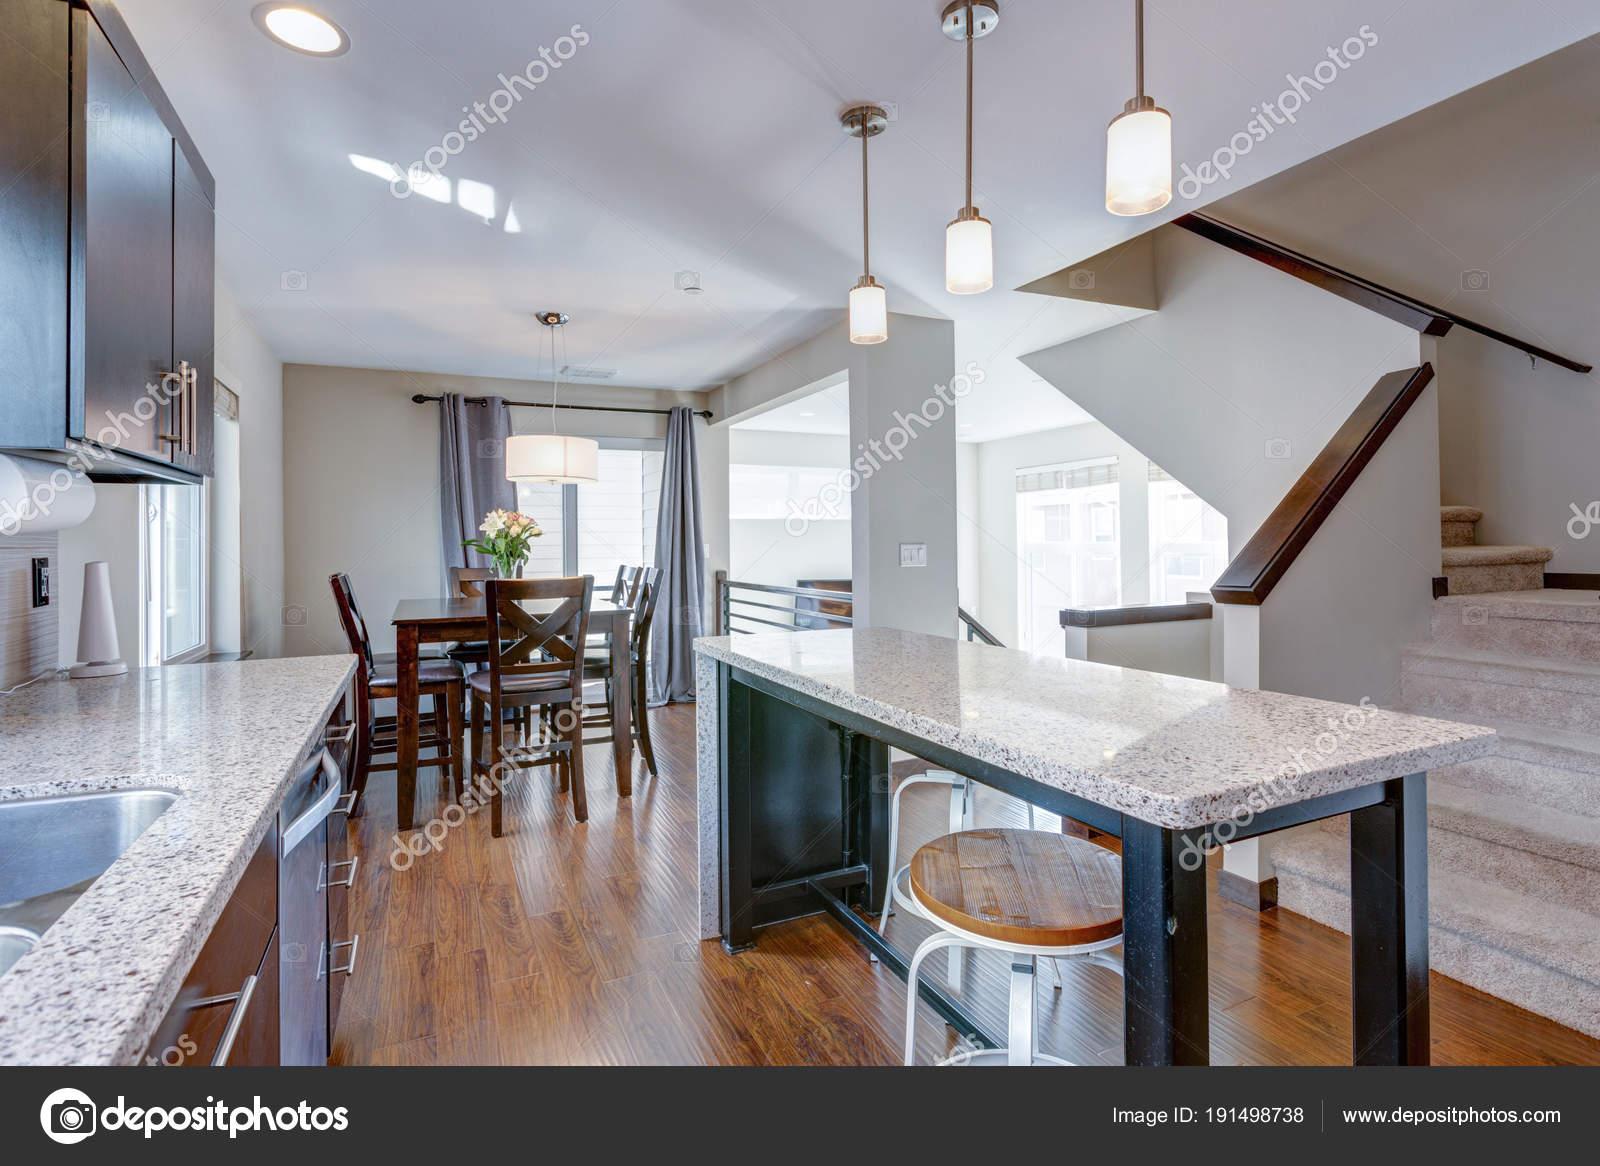 Keuken Plattegrond Open : Ruime keuken met open plattegrond u2014 stockfoto © alabn #191498738